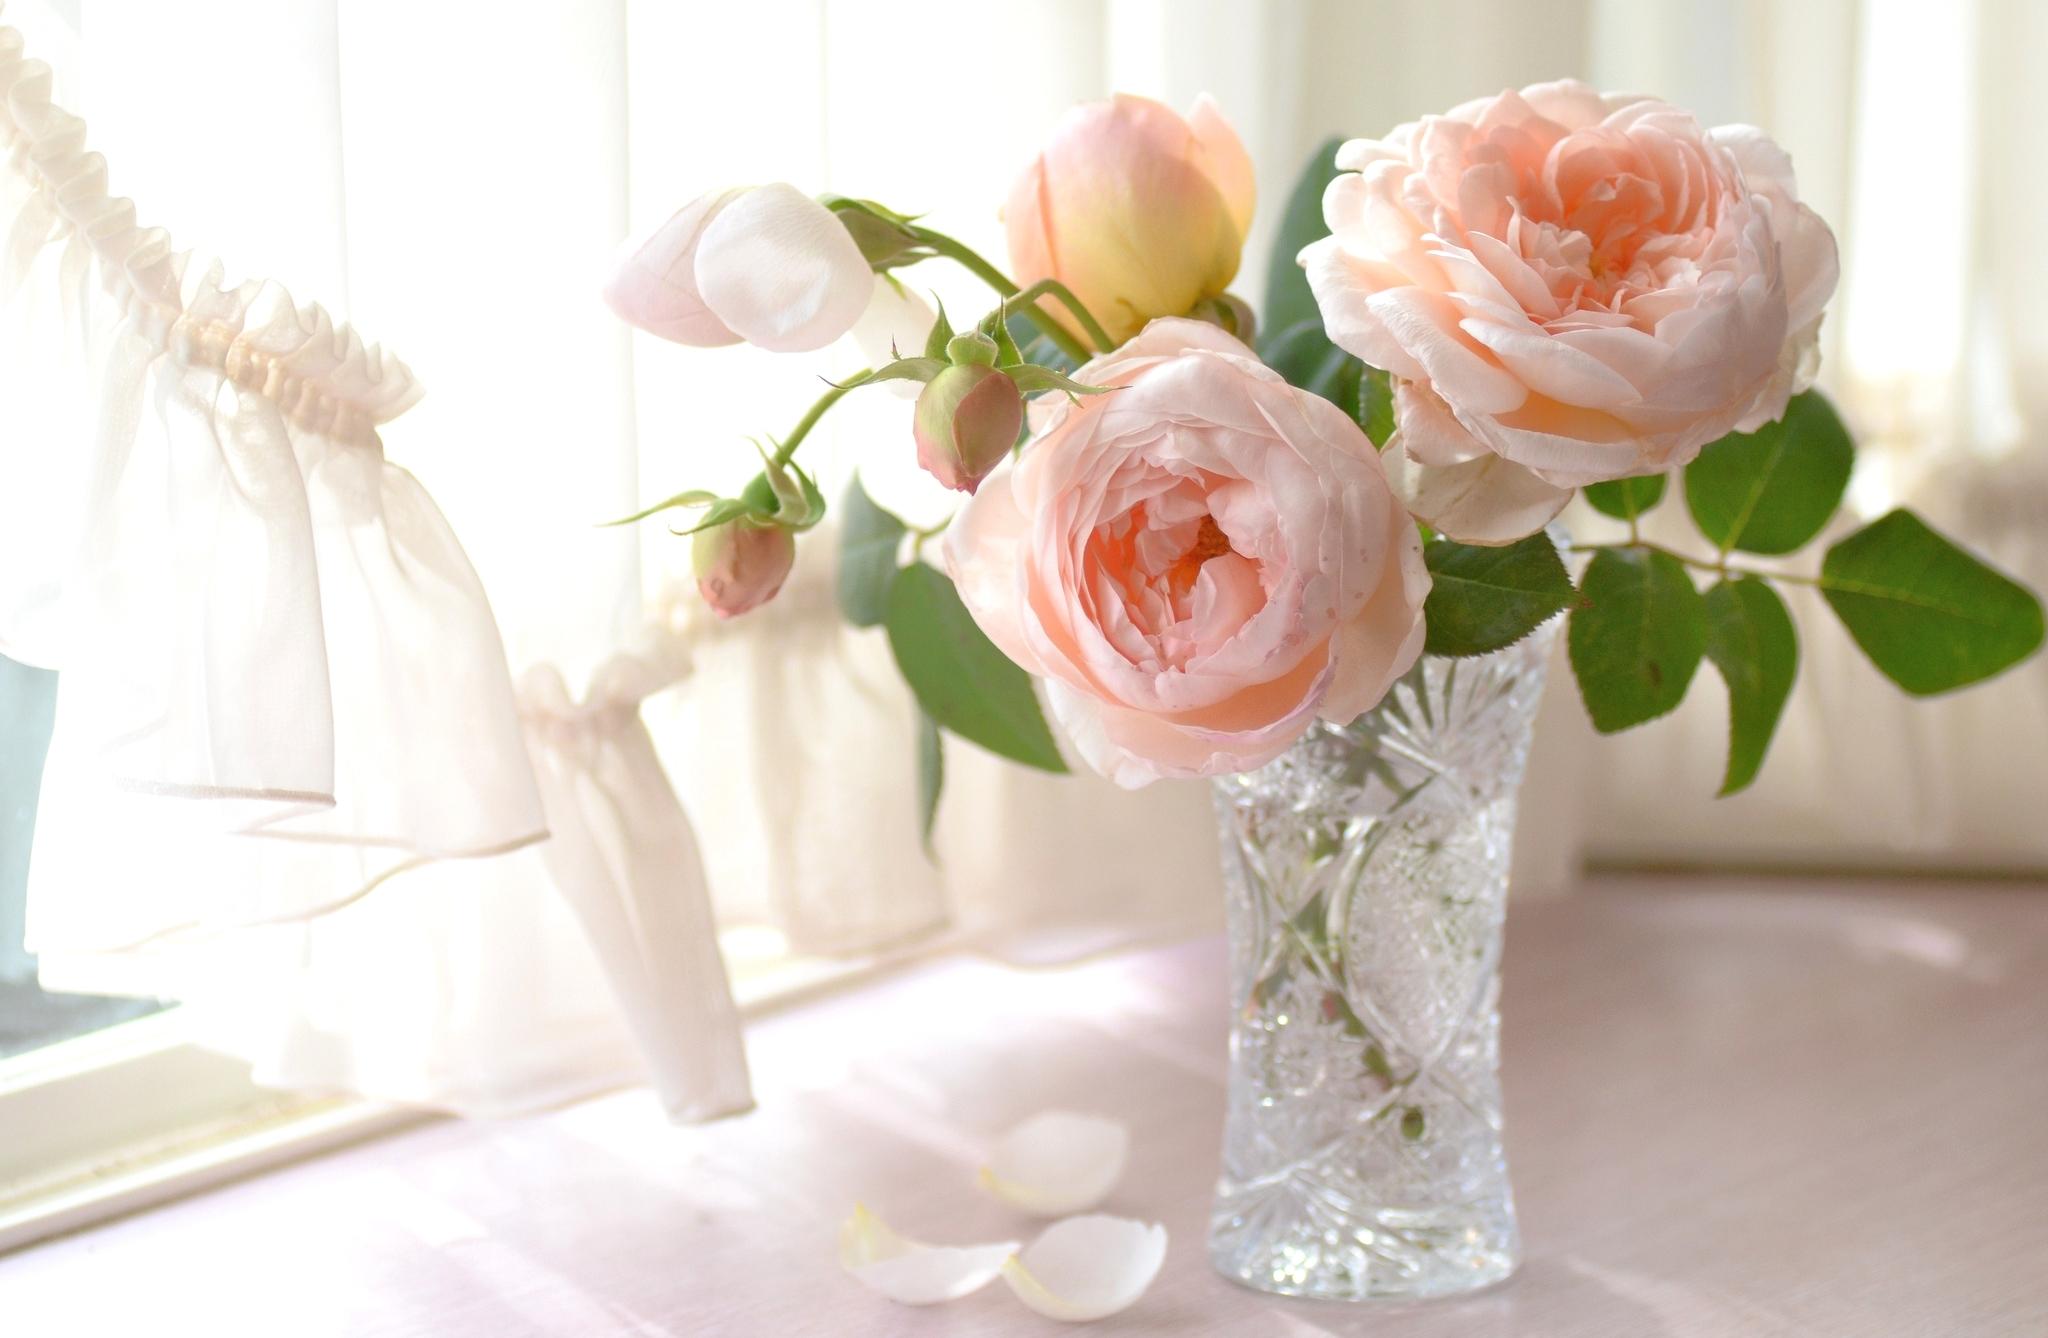 розы цветы ваза  № 1332556 бесплатно